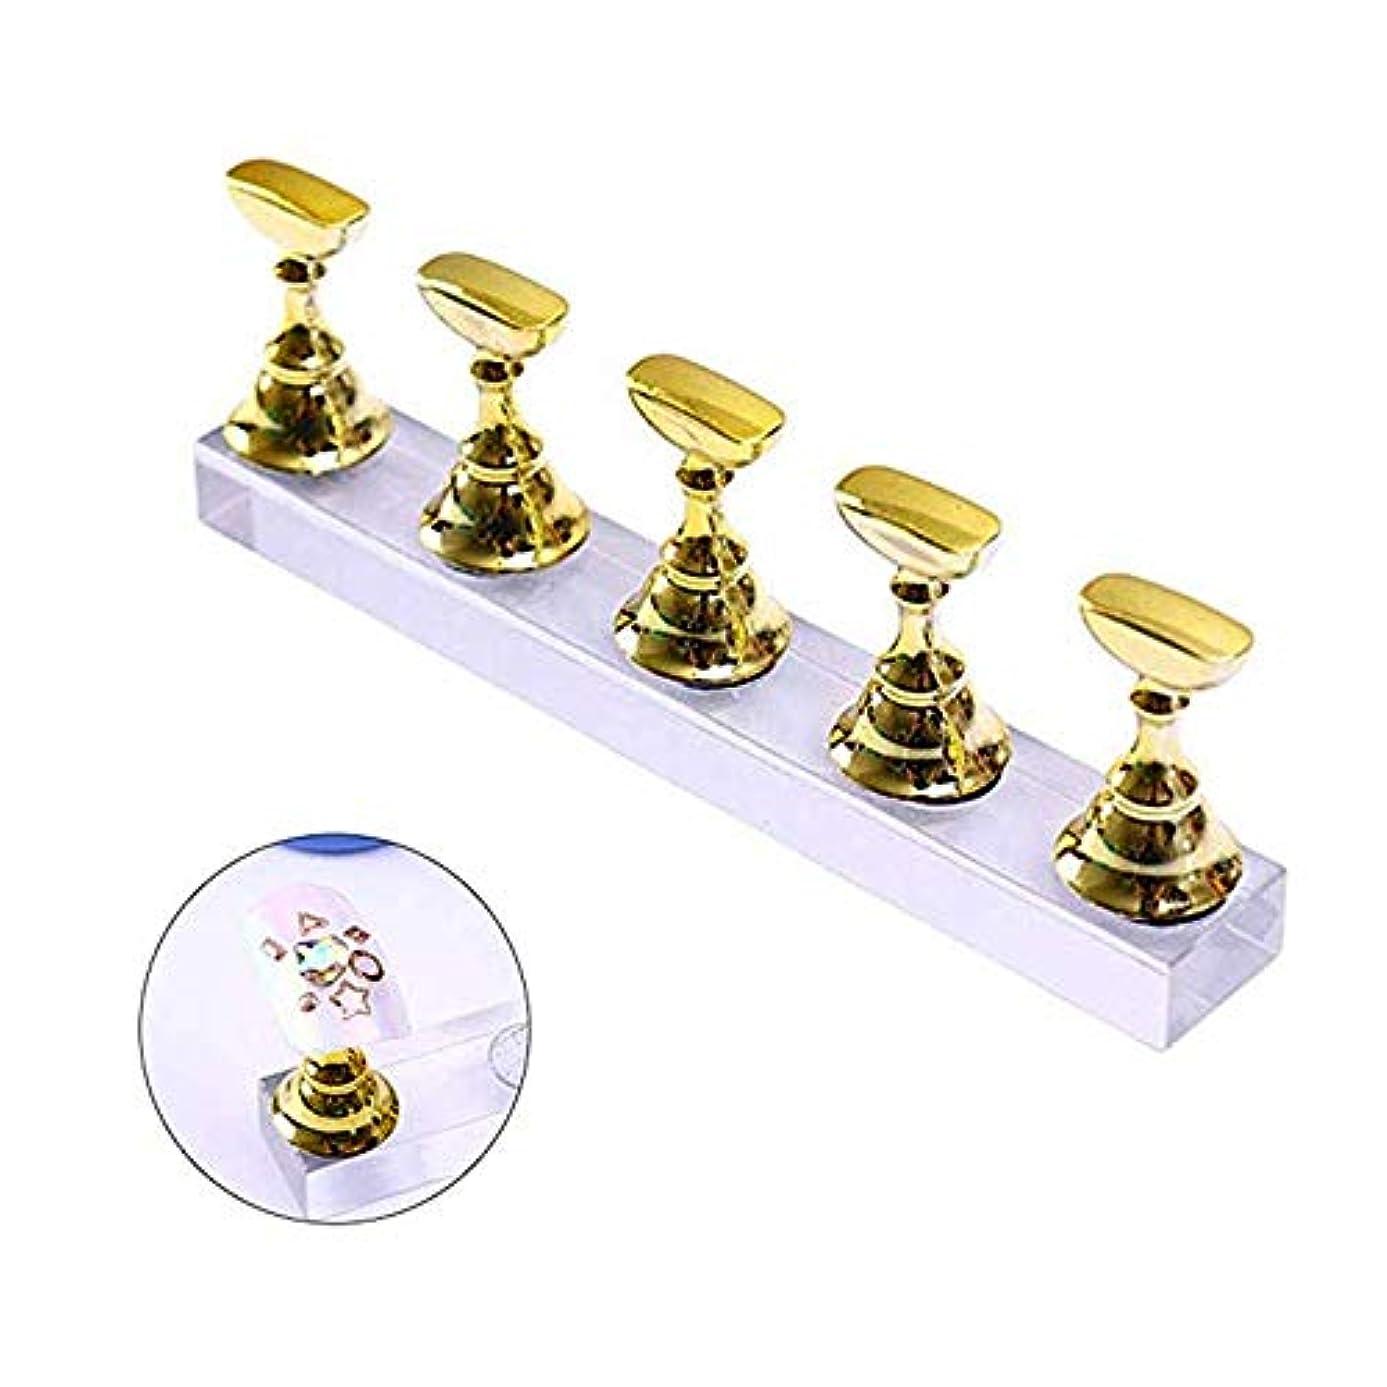 蜂メンバー破滅的な磁気 アクリルマニキュア工具 ネイル練習 スタンド ハンドネイルエクササイズペデスタル ネイル用品 ネイルチップディスプレイスタンド セット (ゴールド)